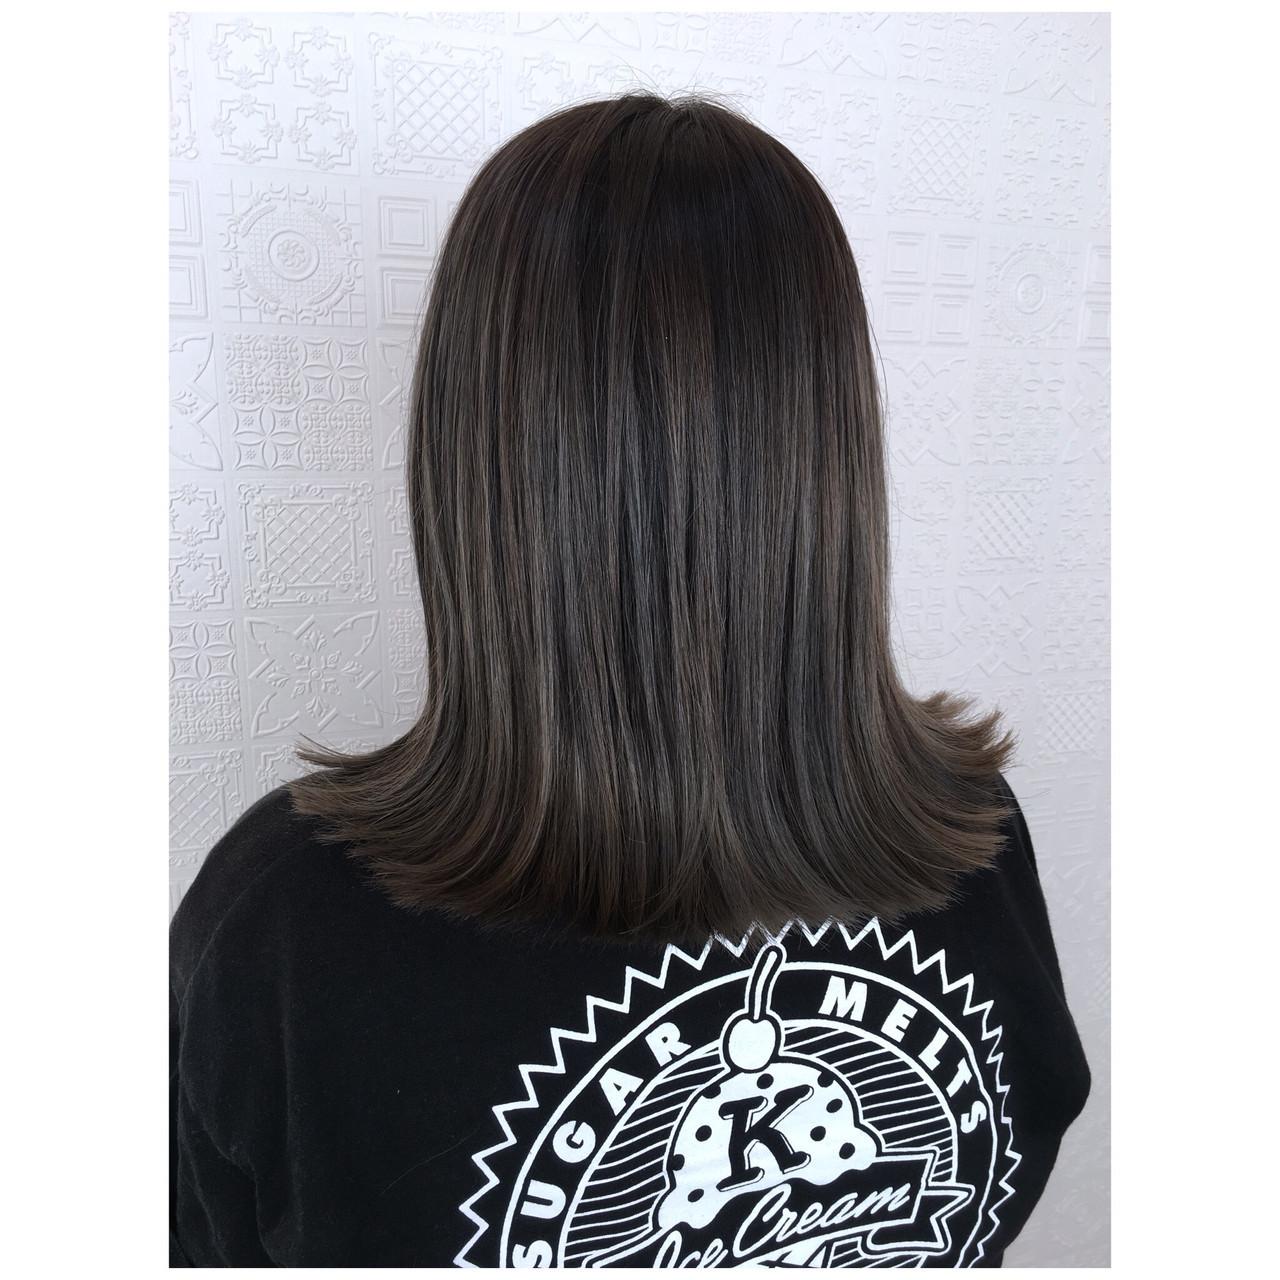 オリーブアッシュ オリーブカラー ナチュラル ミディアム ヘアスタイルや髪型の写真・画像